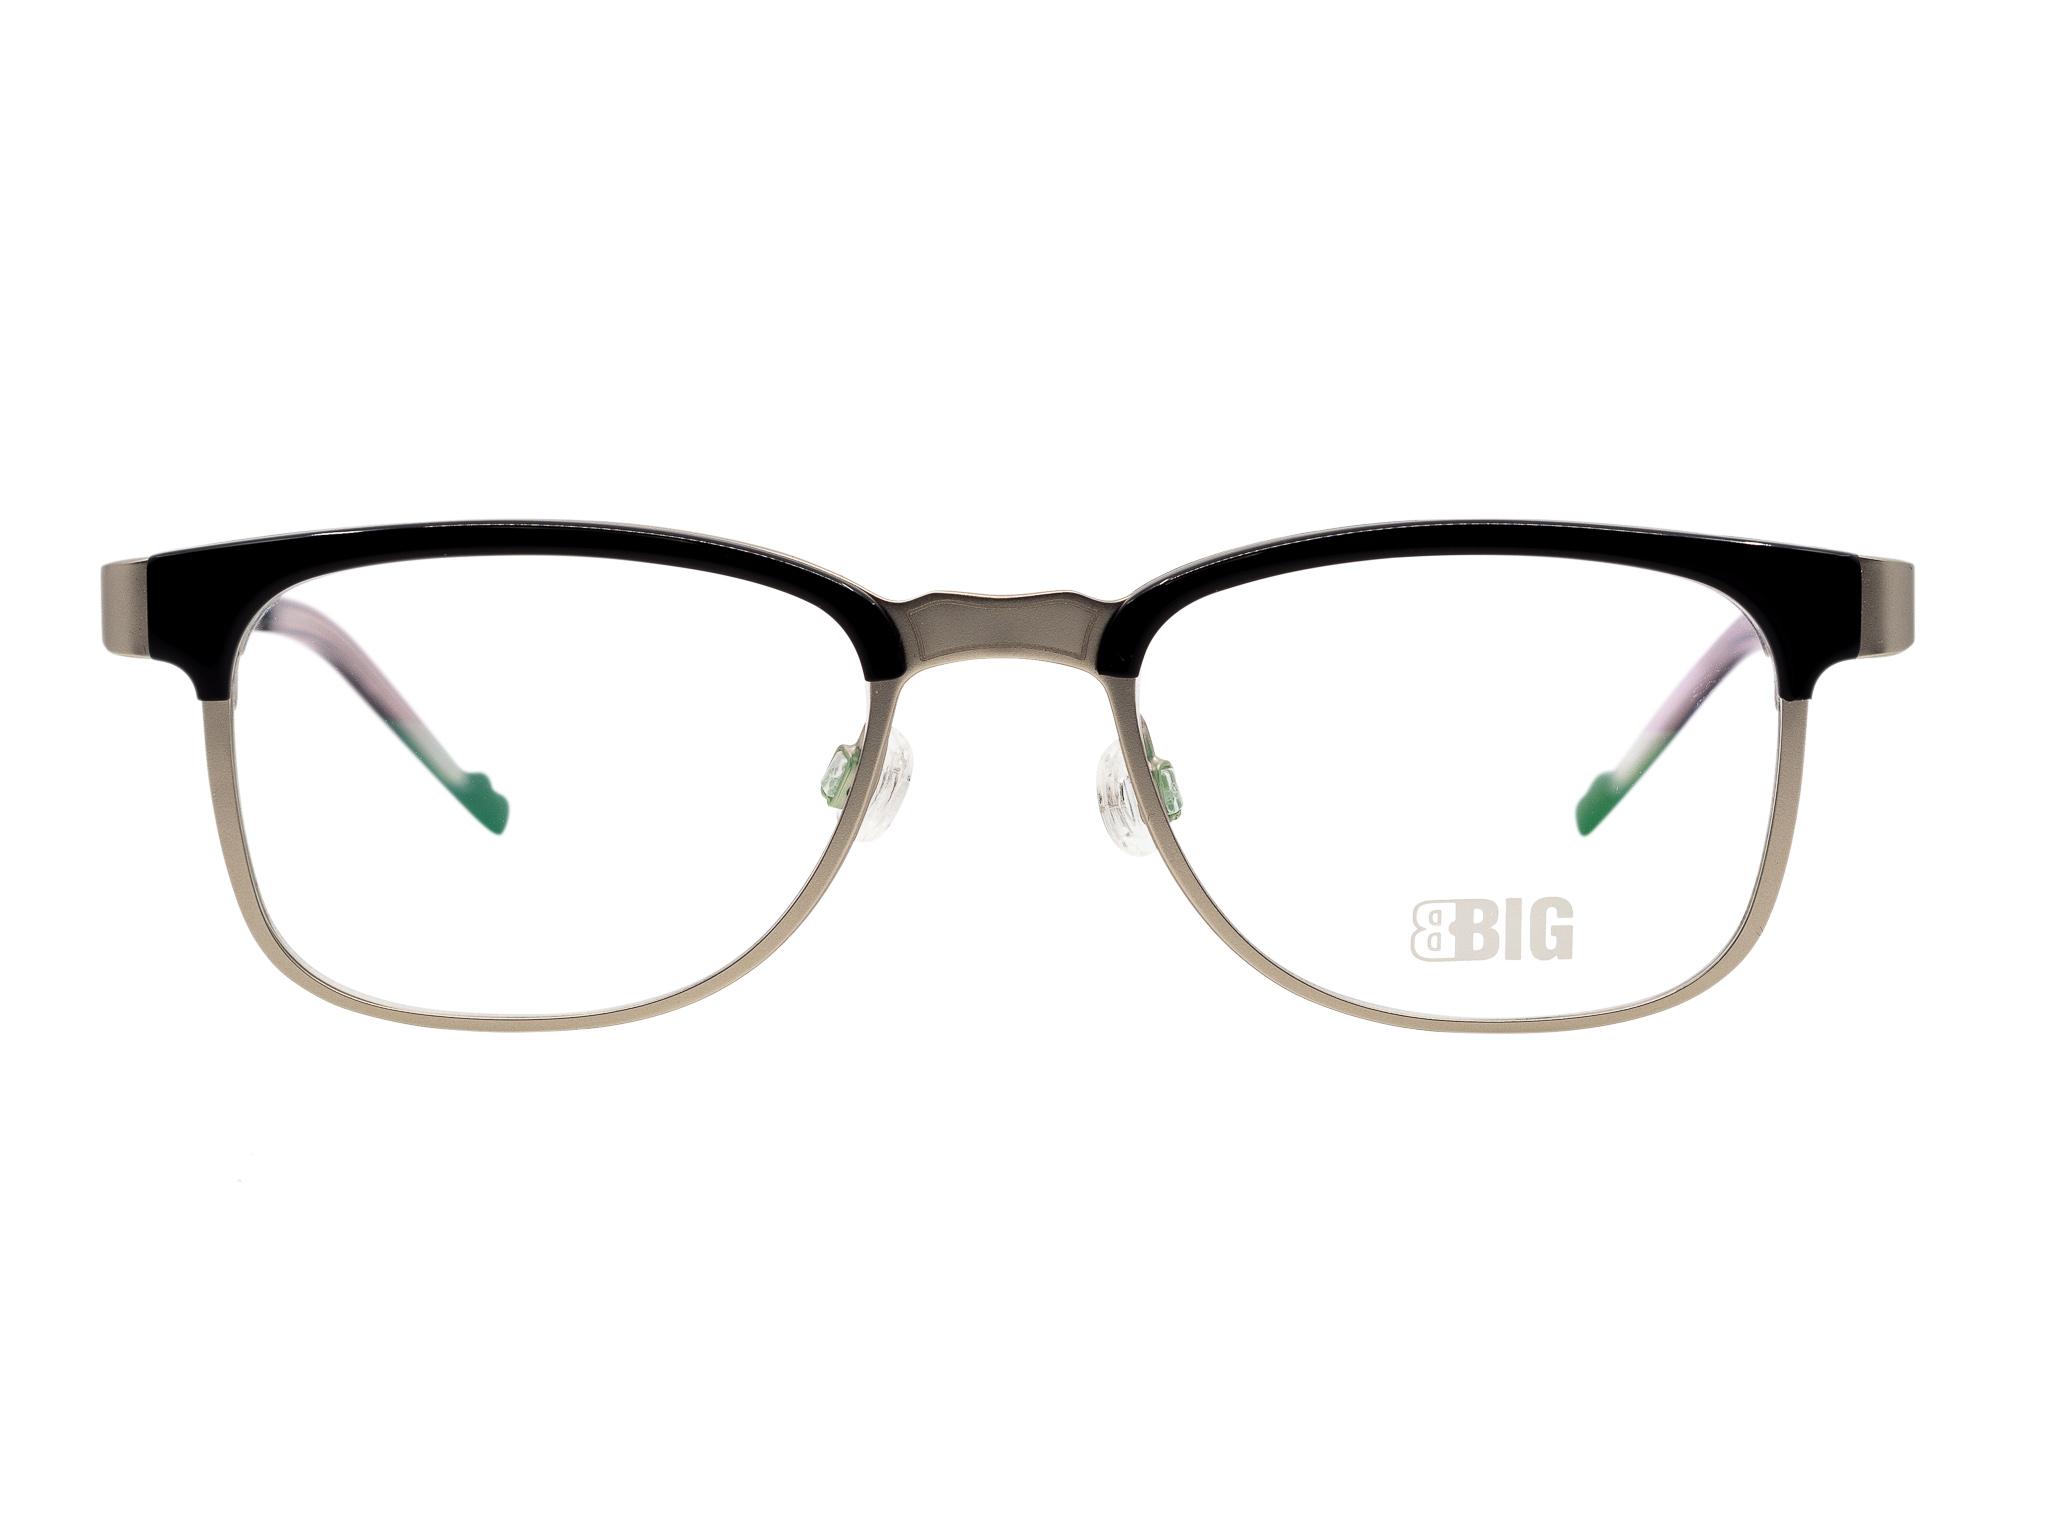 BBig 604 H04